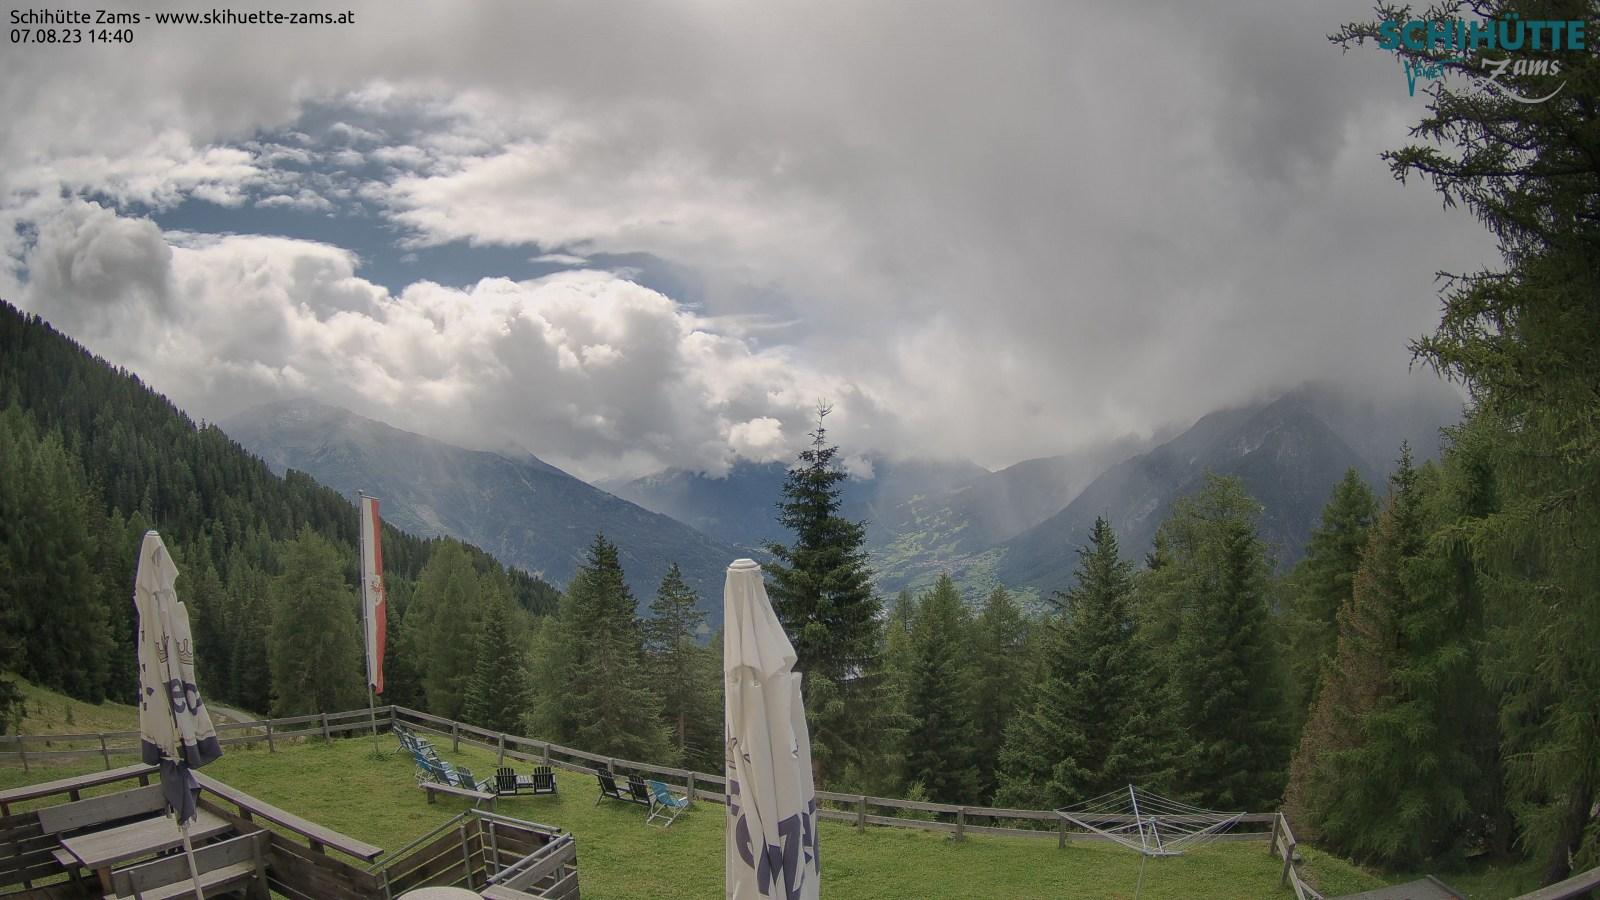 Zams Skihütte